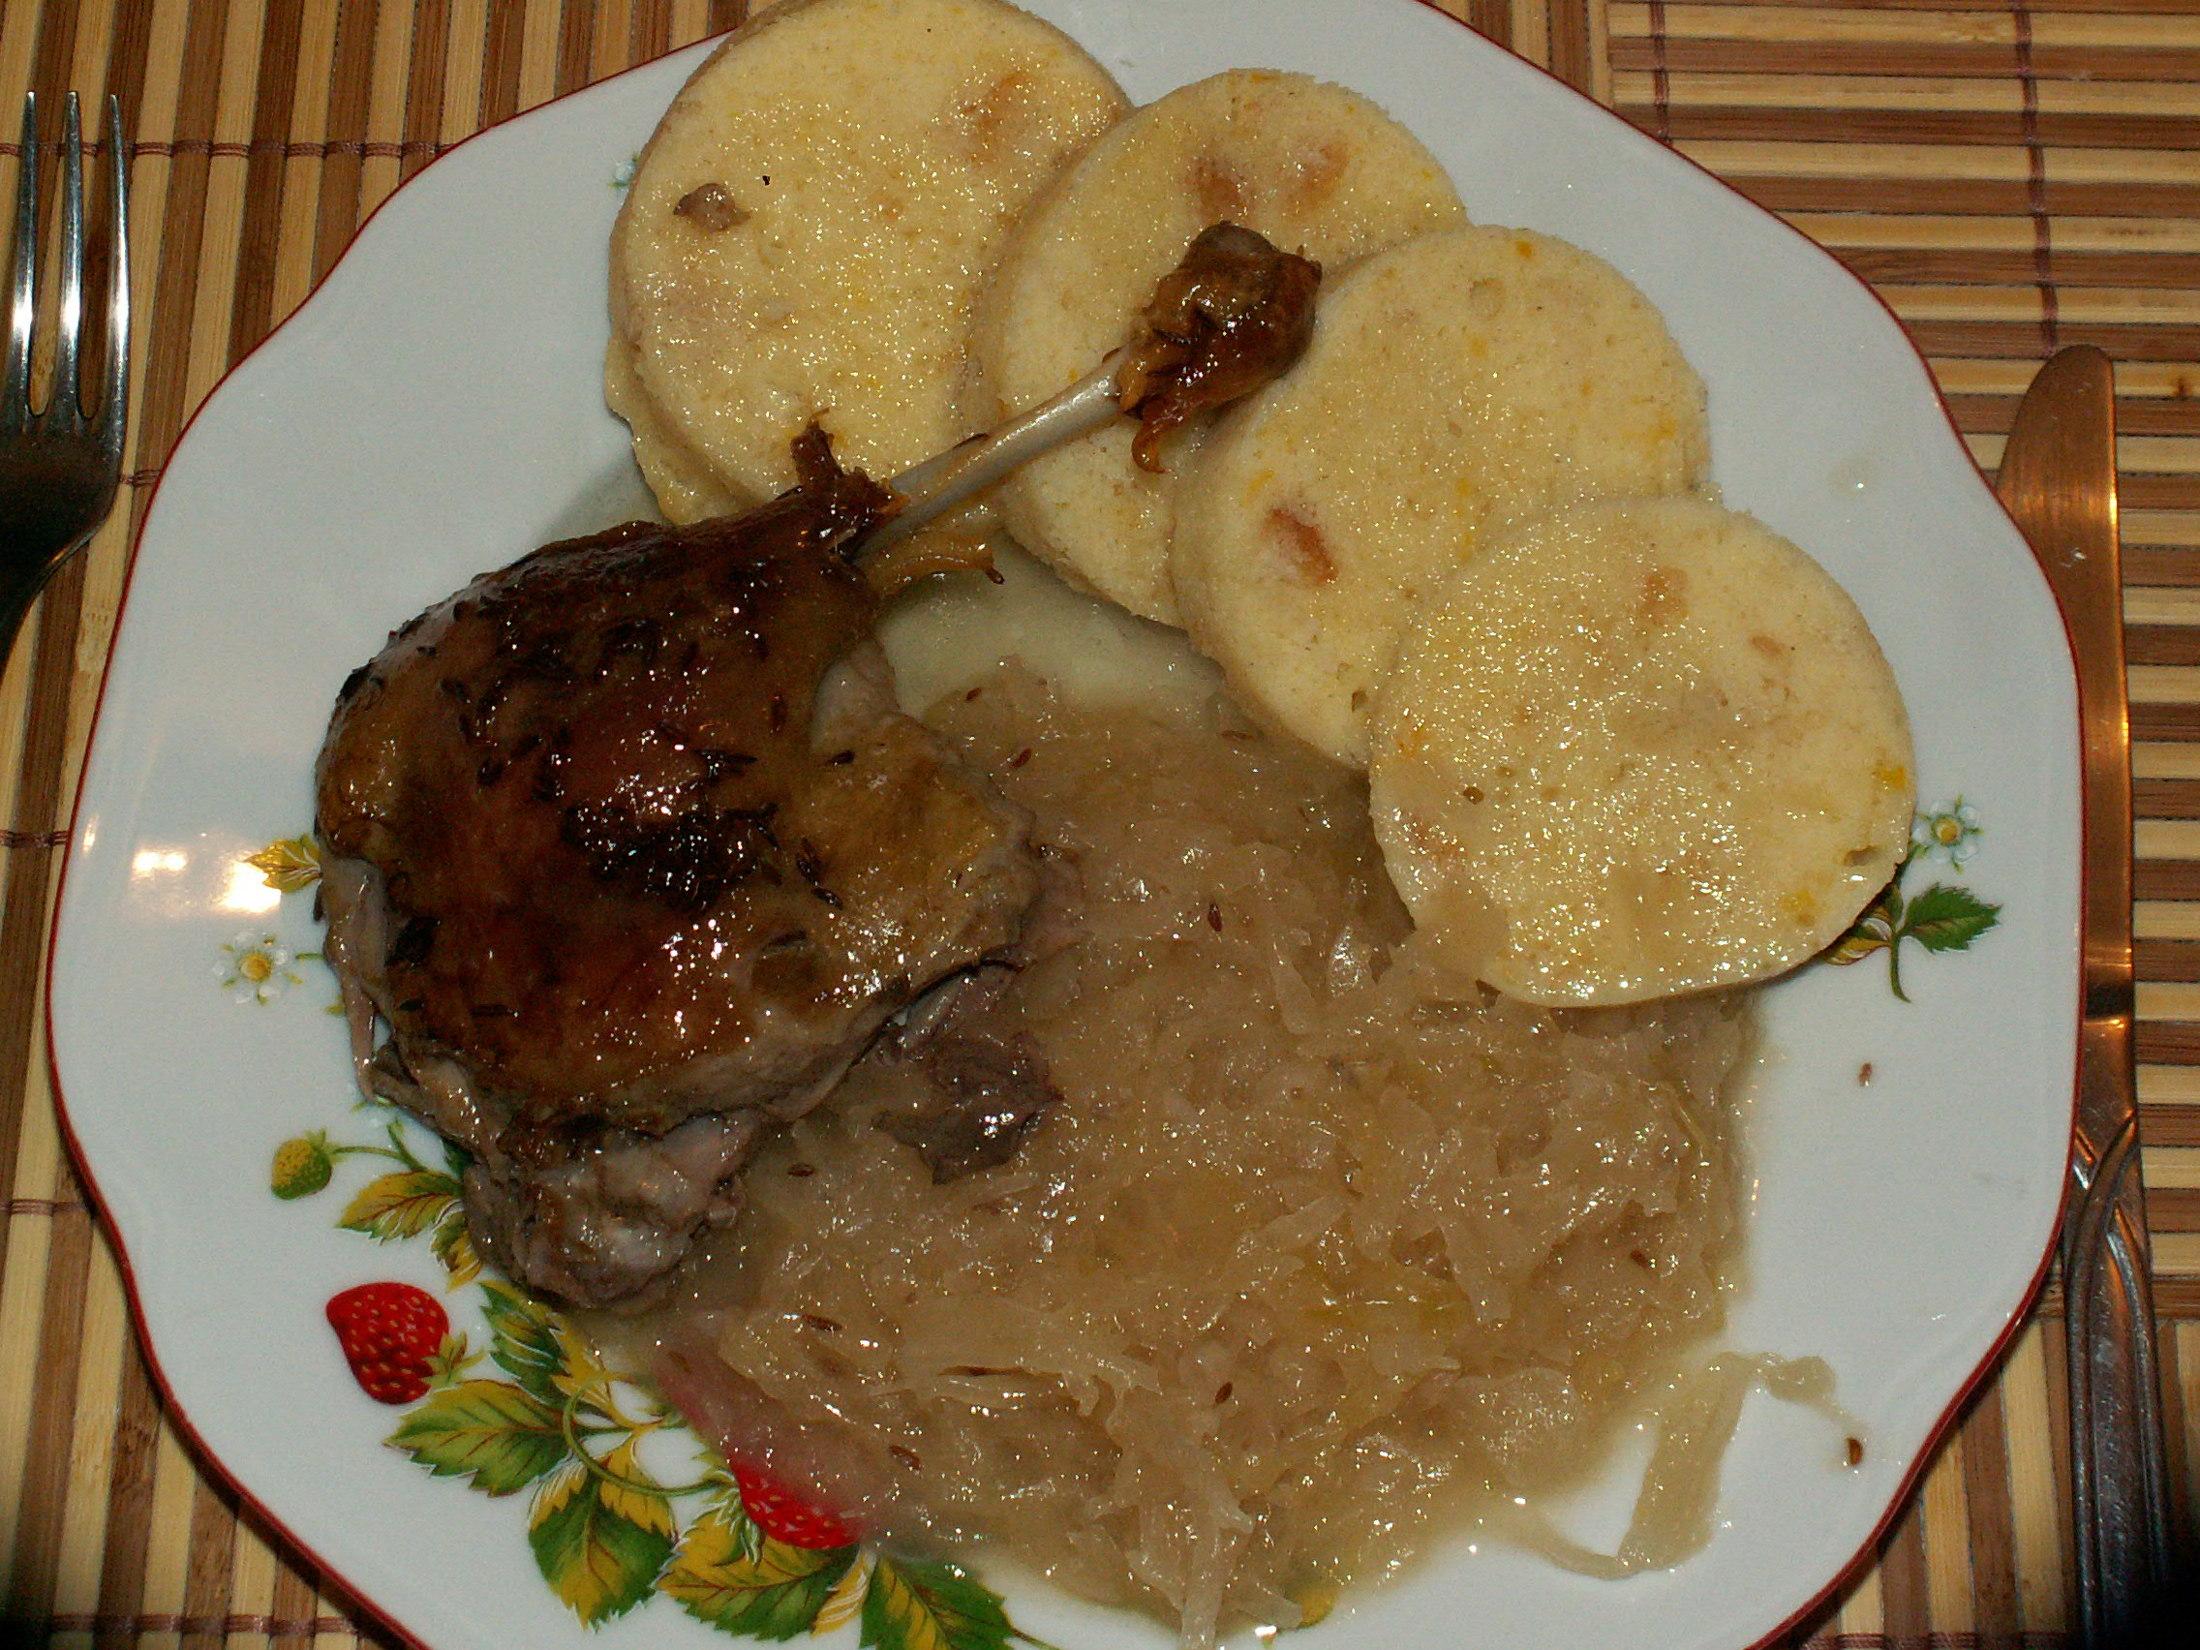 Recept Pečená kachna - Kachna se zelím a knedlíkem.